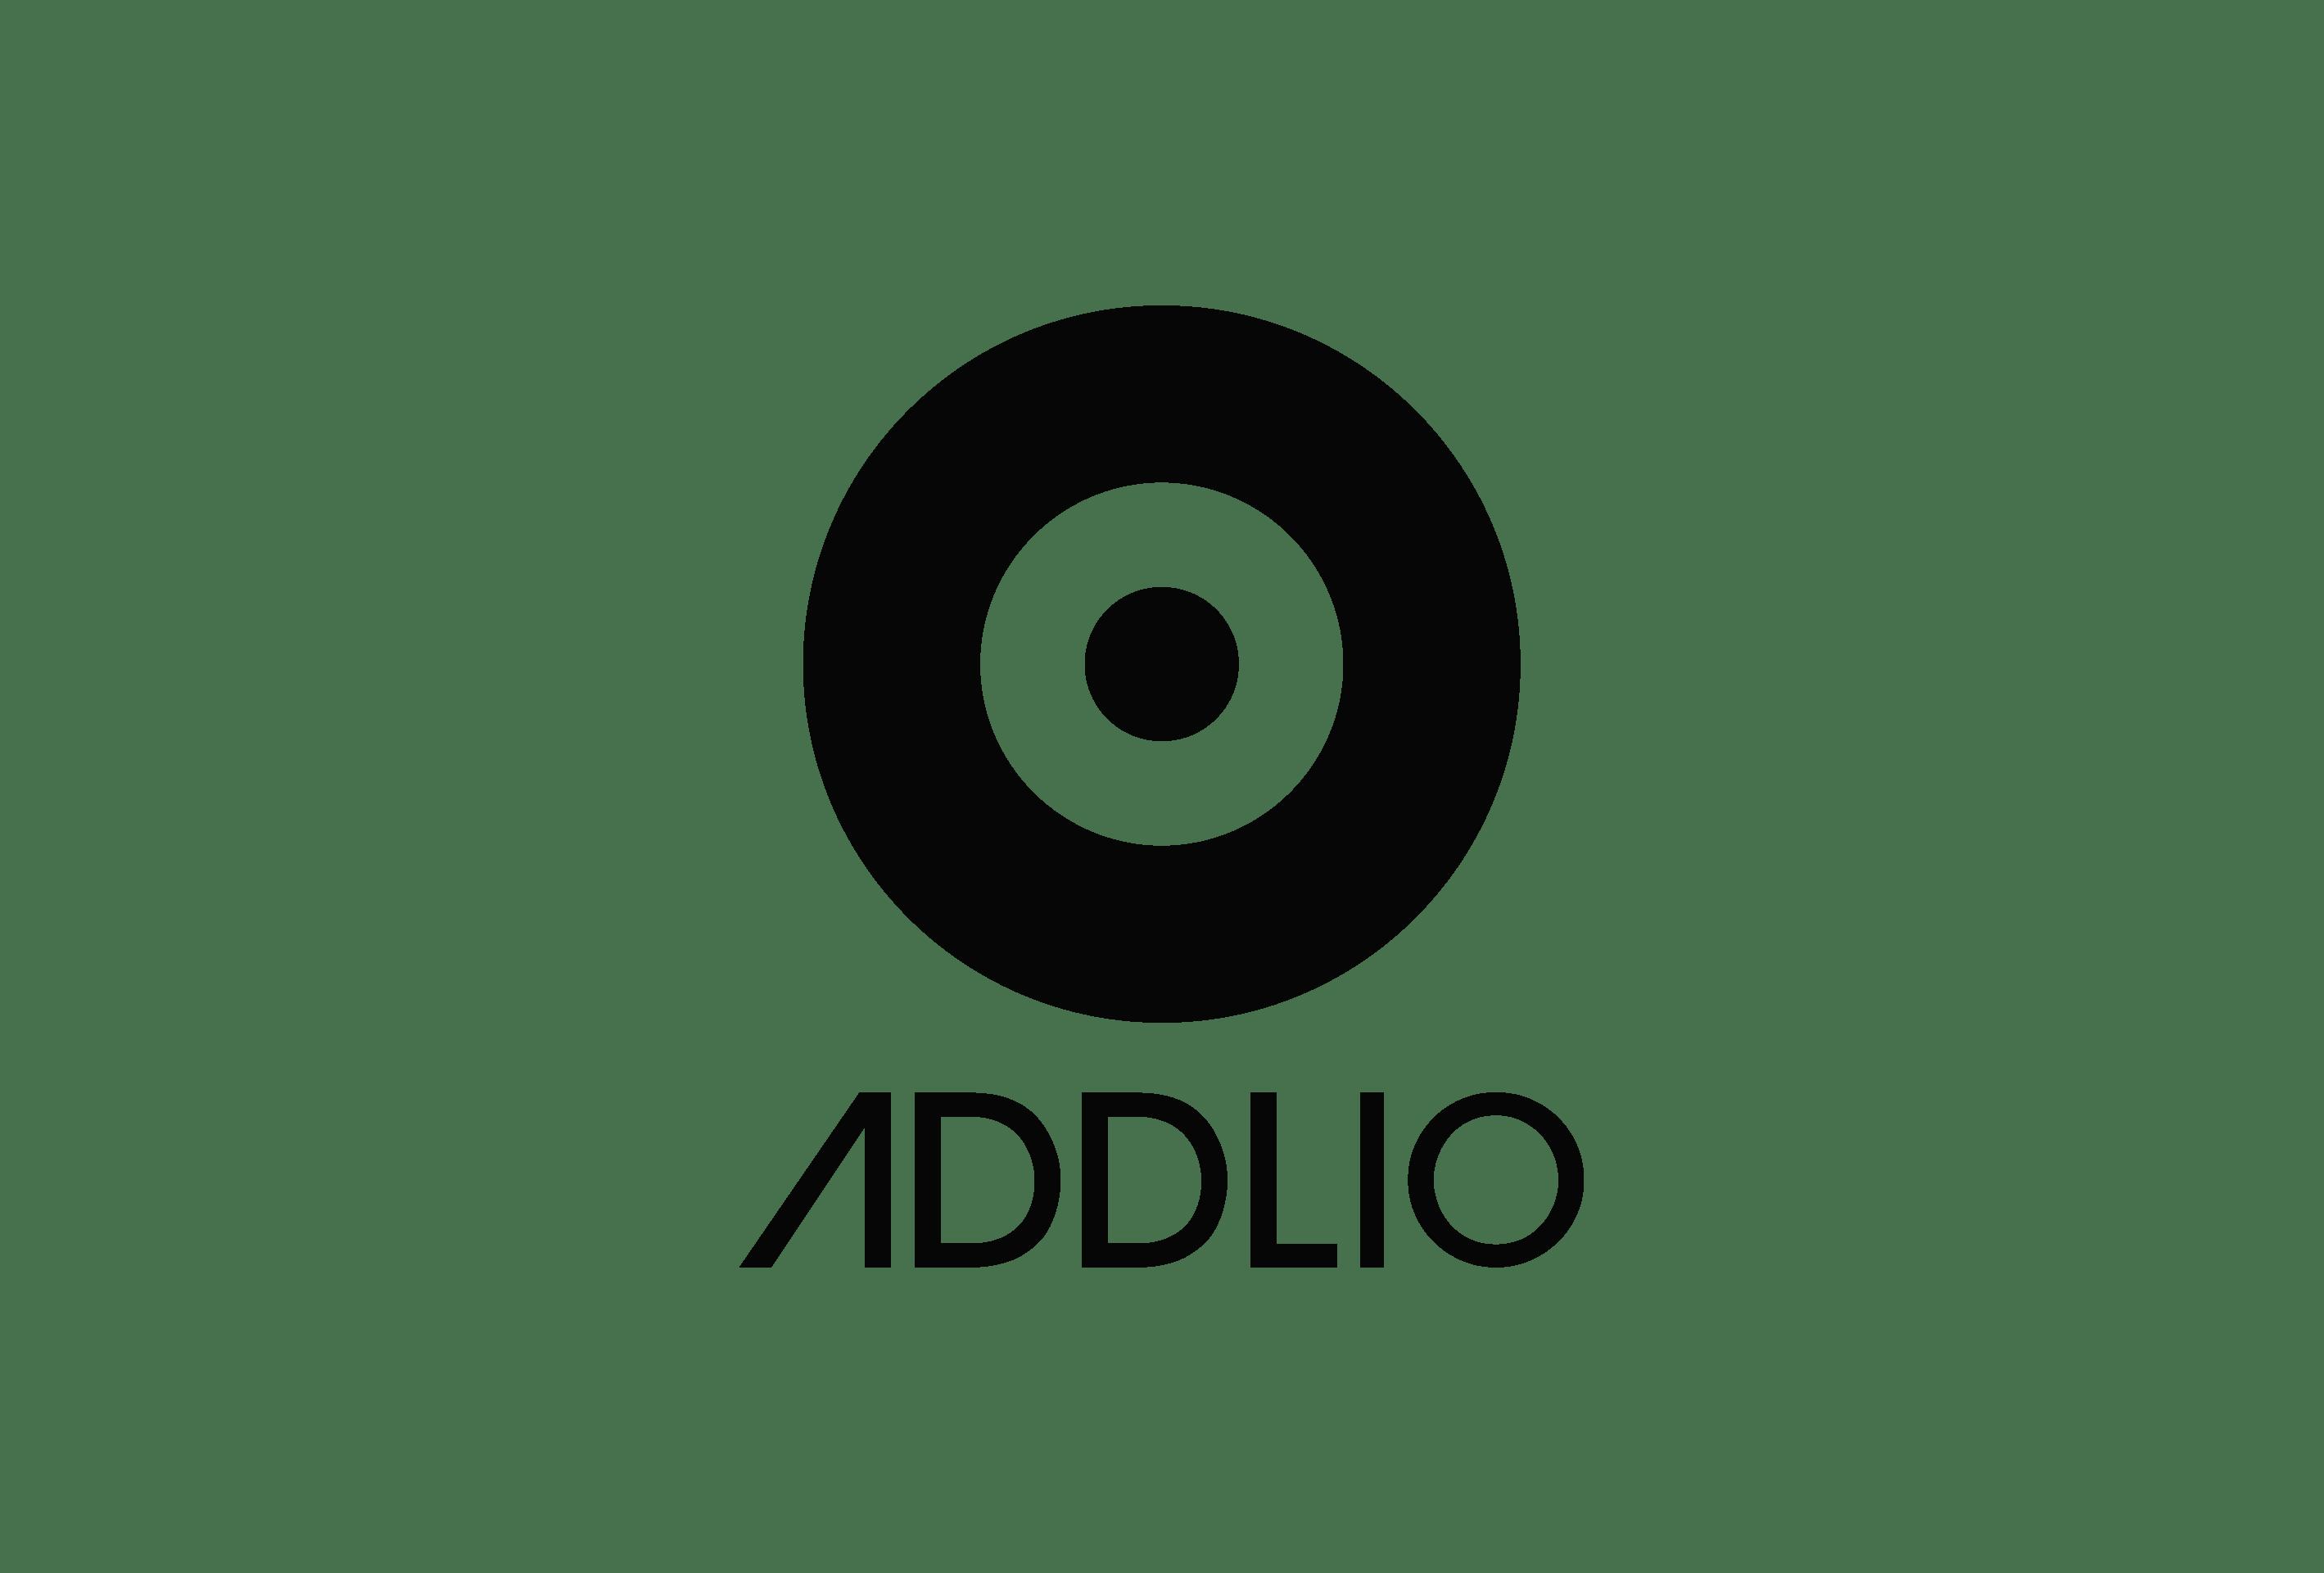 Addlio